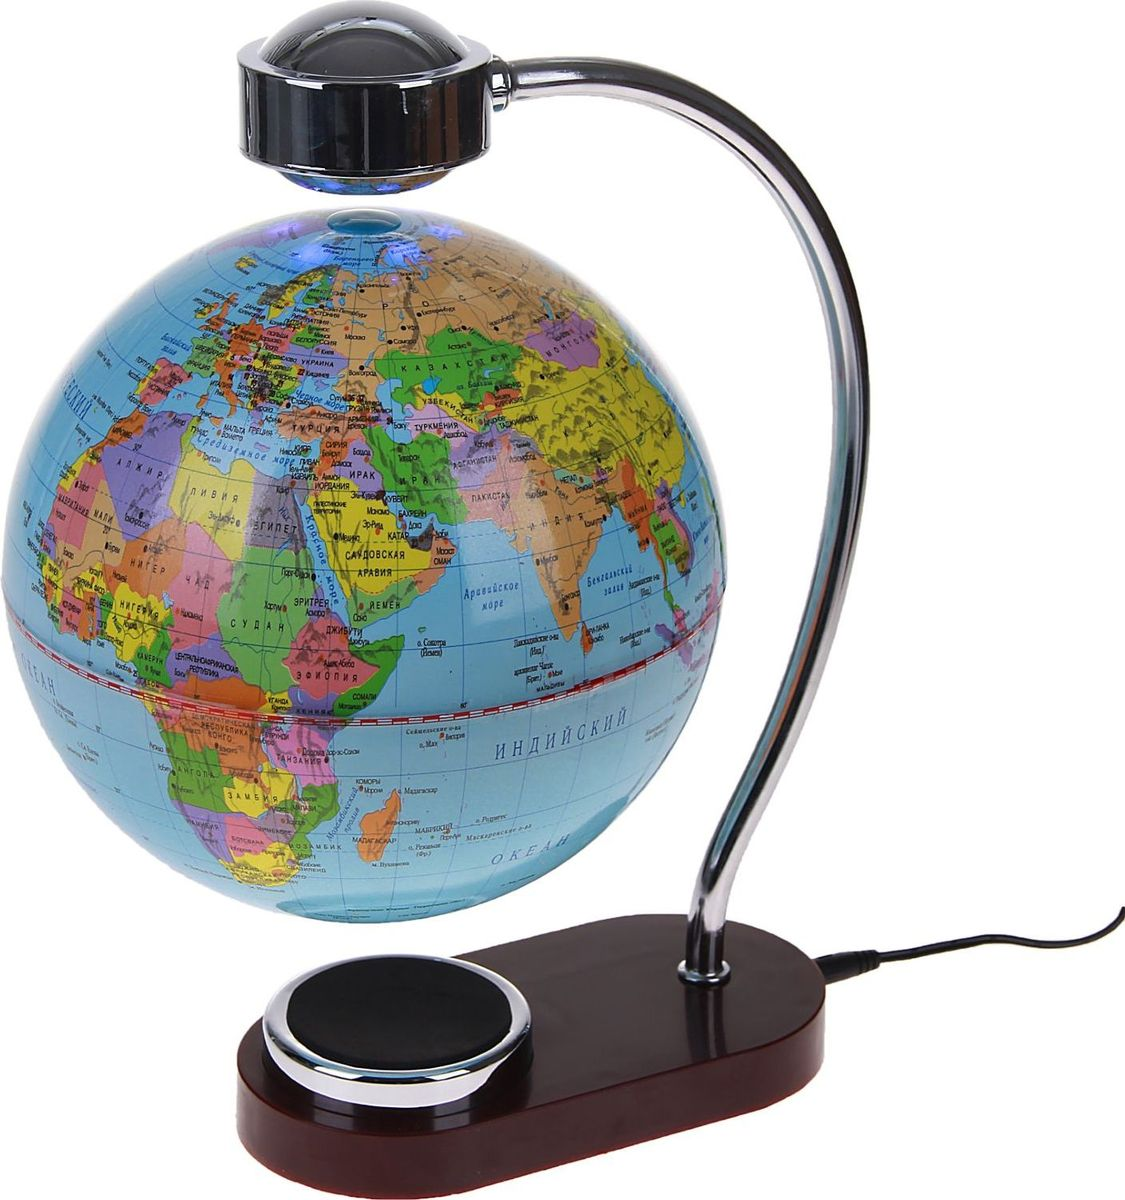 Глобус Политическая карта диаметр 20 смFS-00897Глобус сувенирный на магнитном поле, с подсветкой, d=20 см, политическая карта, русский язык, 220 В — это украшение рабочего места и кладезь полезной информации о Земле. С его помощью вы увидите полет планеты в миниатюре. Этот гаджет имеет еще несколько названий: антигравитационный, левитирующий или левитрон. Раскроем секрет этого чуда. В базу встроен электромагнит, а в шар — магнит с противоположным зарядом. В результате сфера зависает в воздухе и вращается вокруг своей оси. Особенности антигравитационного глобуса Поворачивайте шар, пока он парит в воздухе. Это снимает нервное напряжение и помогает отвлечься от рутинной работы. Оригинальная задумка станет вашим источником вдохновения во время умственного процесса.